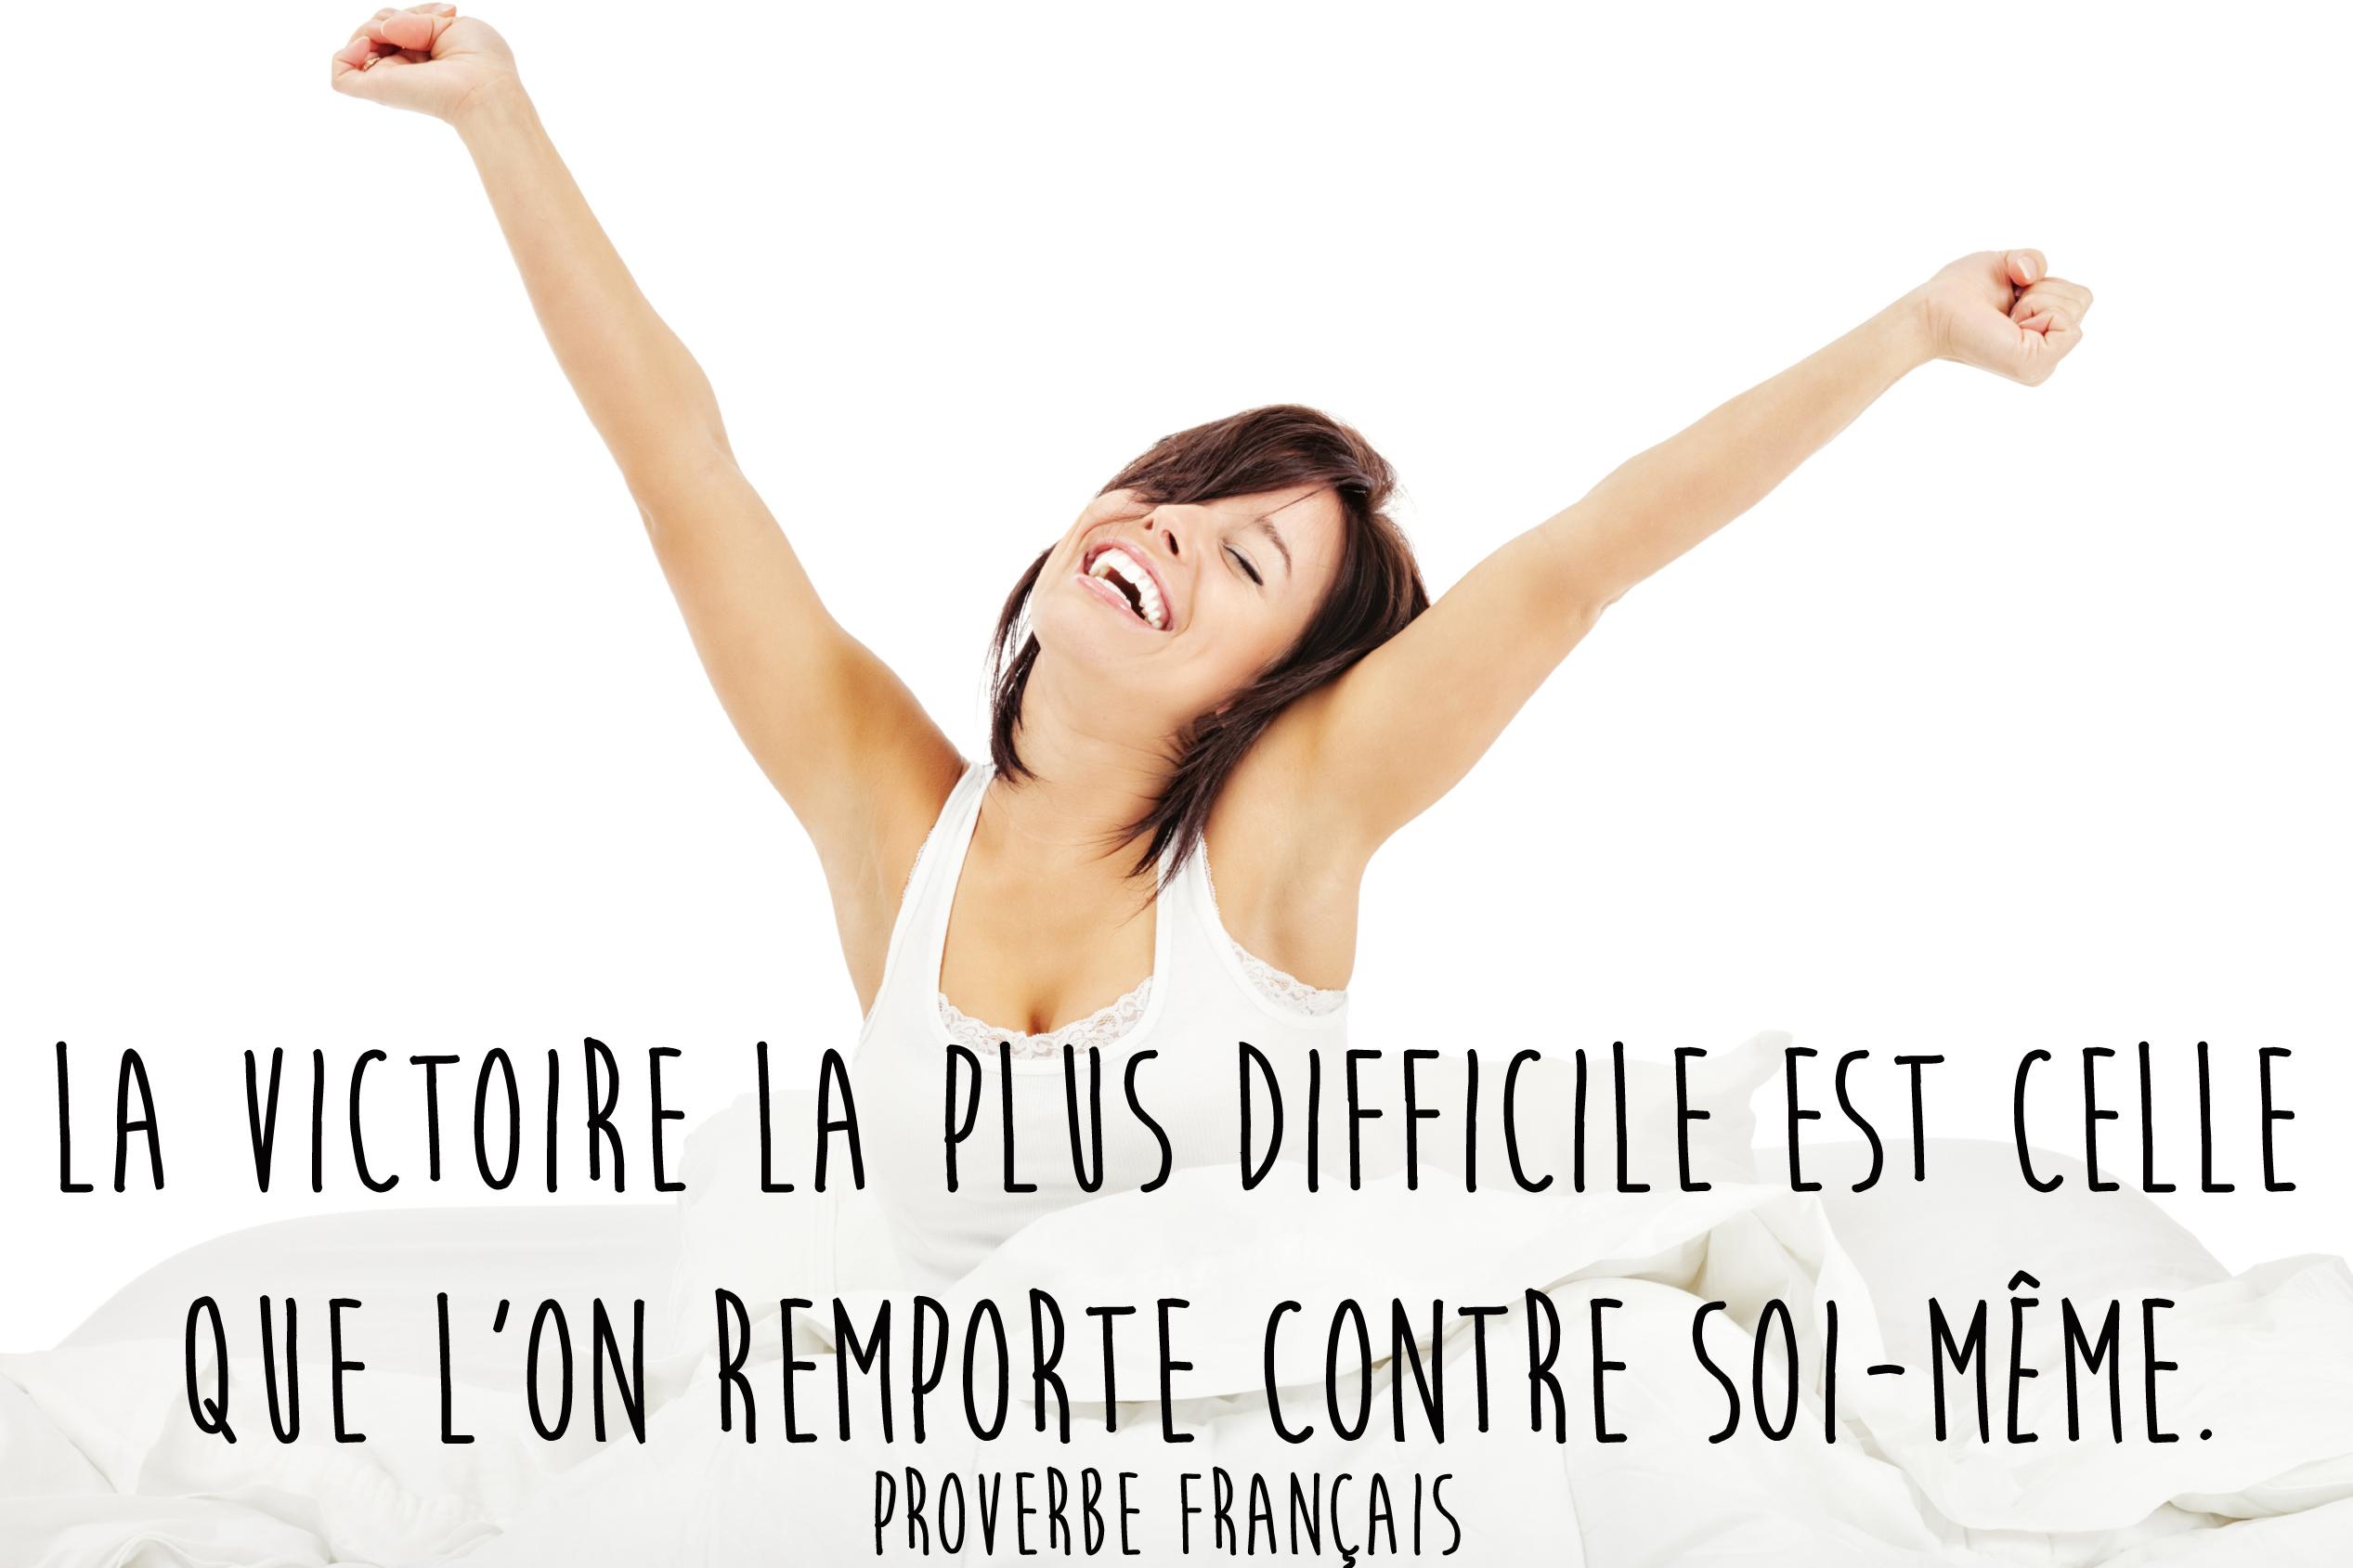 Proverbe Francais 30 Proverbes Francais Qui Nous Mettent De Bonne Humeur